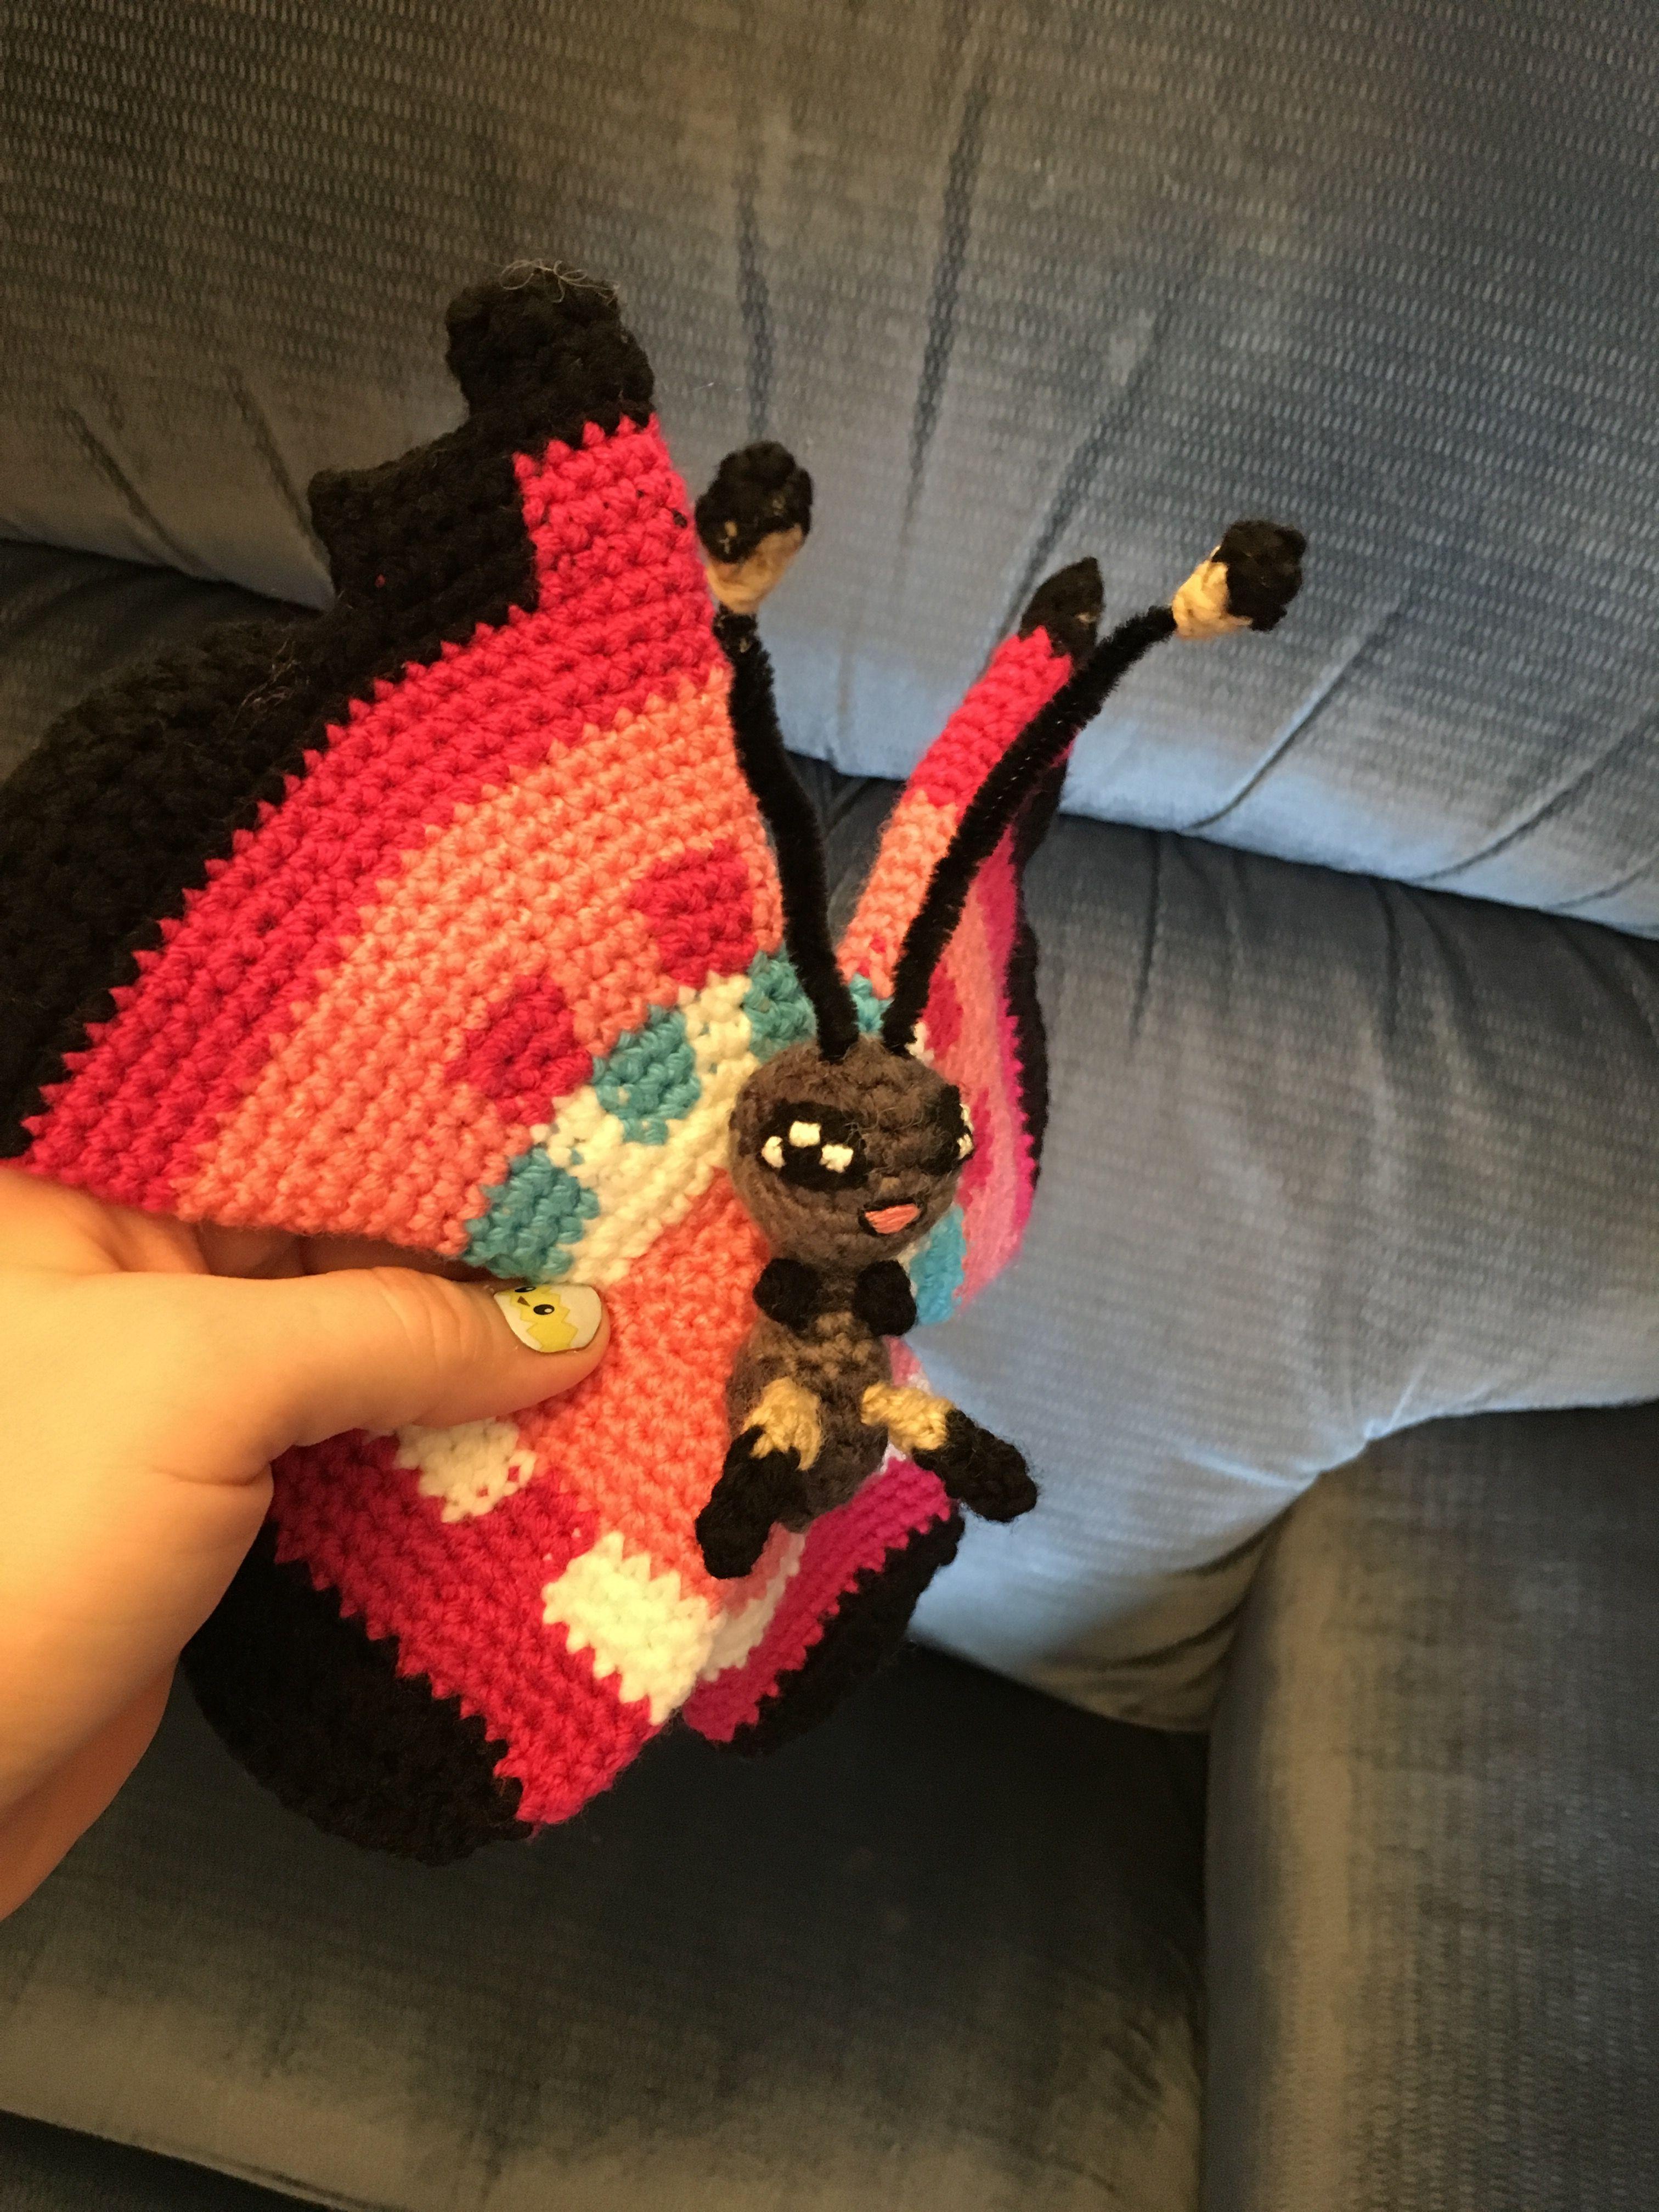 Scorbunny amigurumi peluche pokemon de crochet | Crochet pokemon ... | 4032x3024